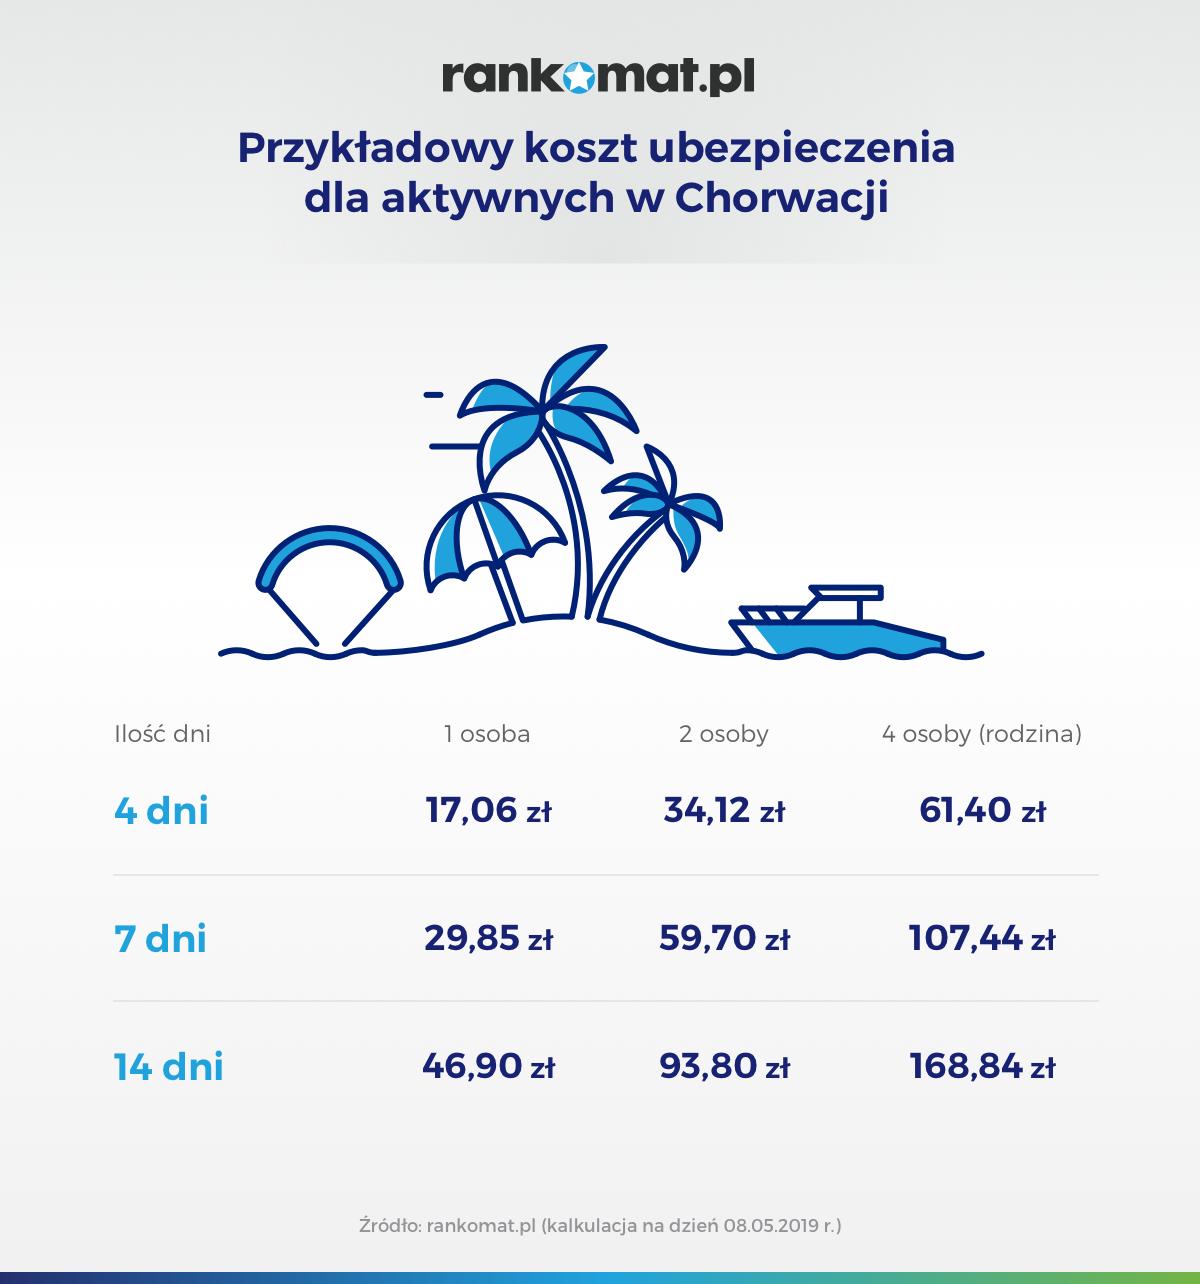 Przykładowy koszt ubezpieczenia dla aktywnych w Chorwacji